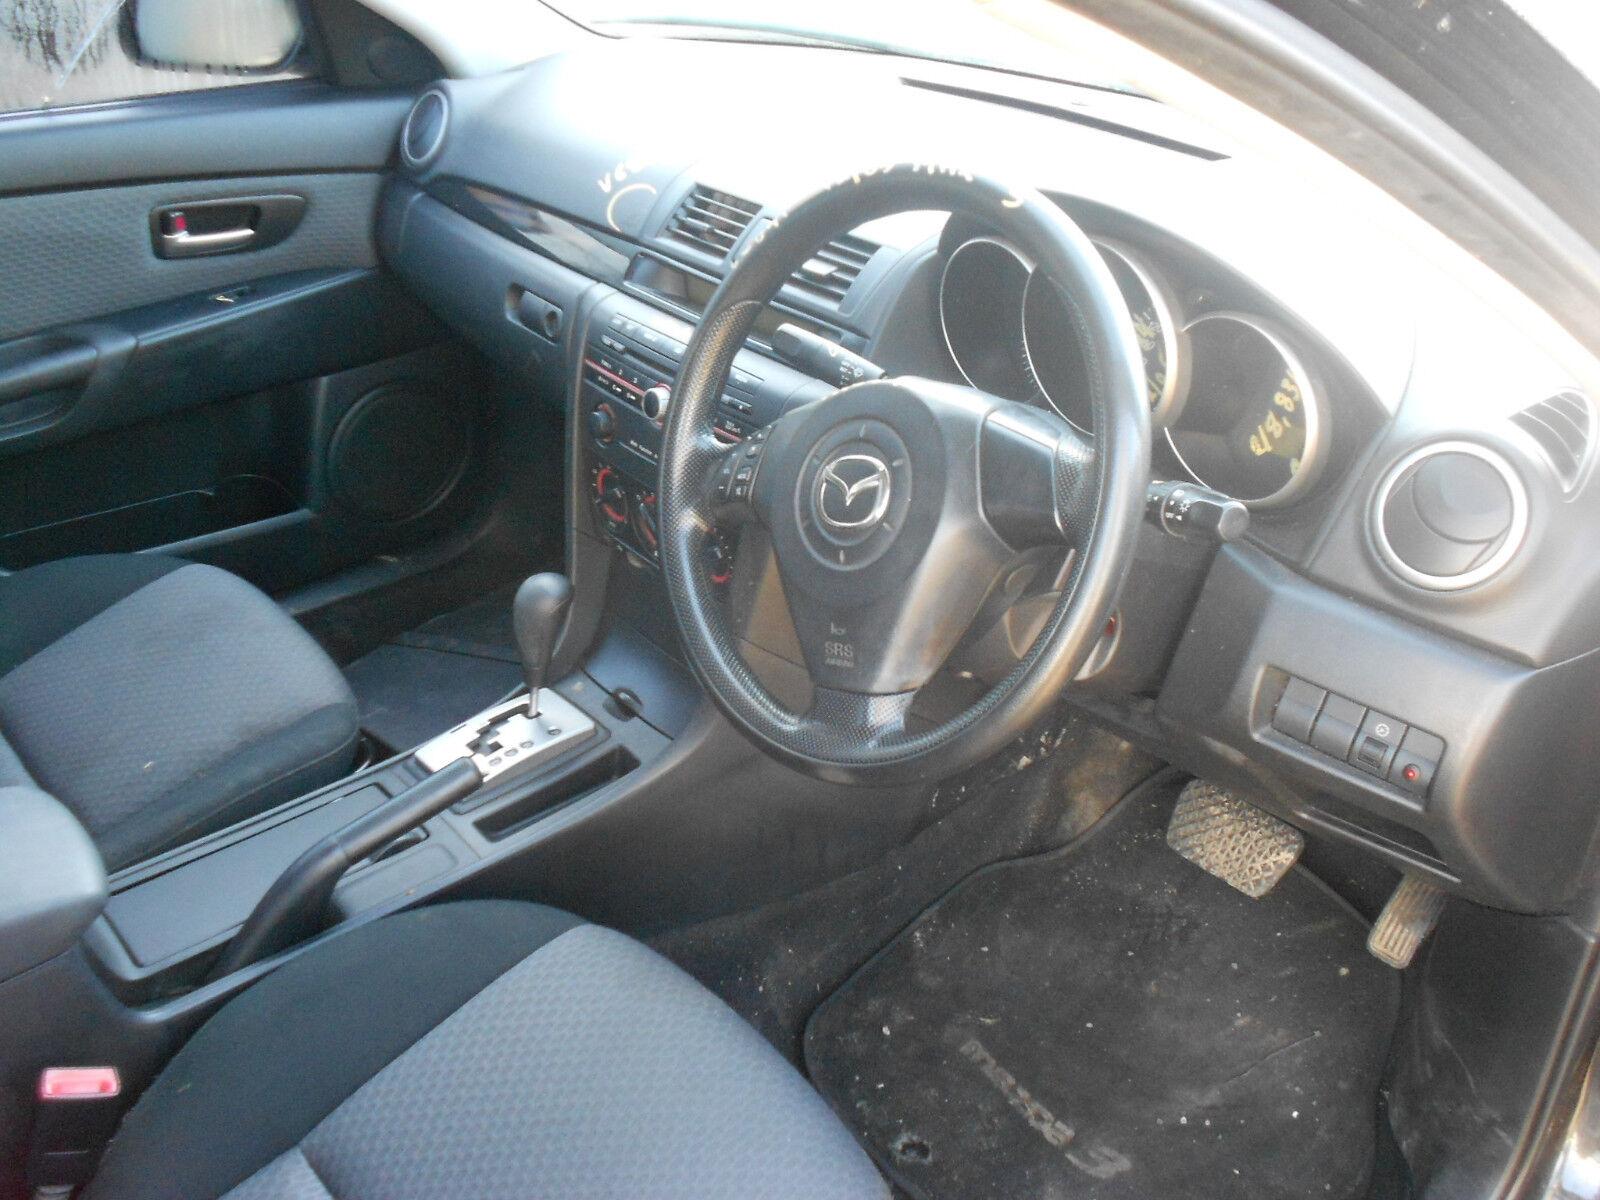 2005 mazda 3 sedan automatic transmission s n v6841. Black Bedroom Furniture Sets. Home Design Ideas